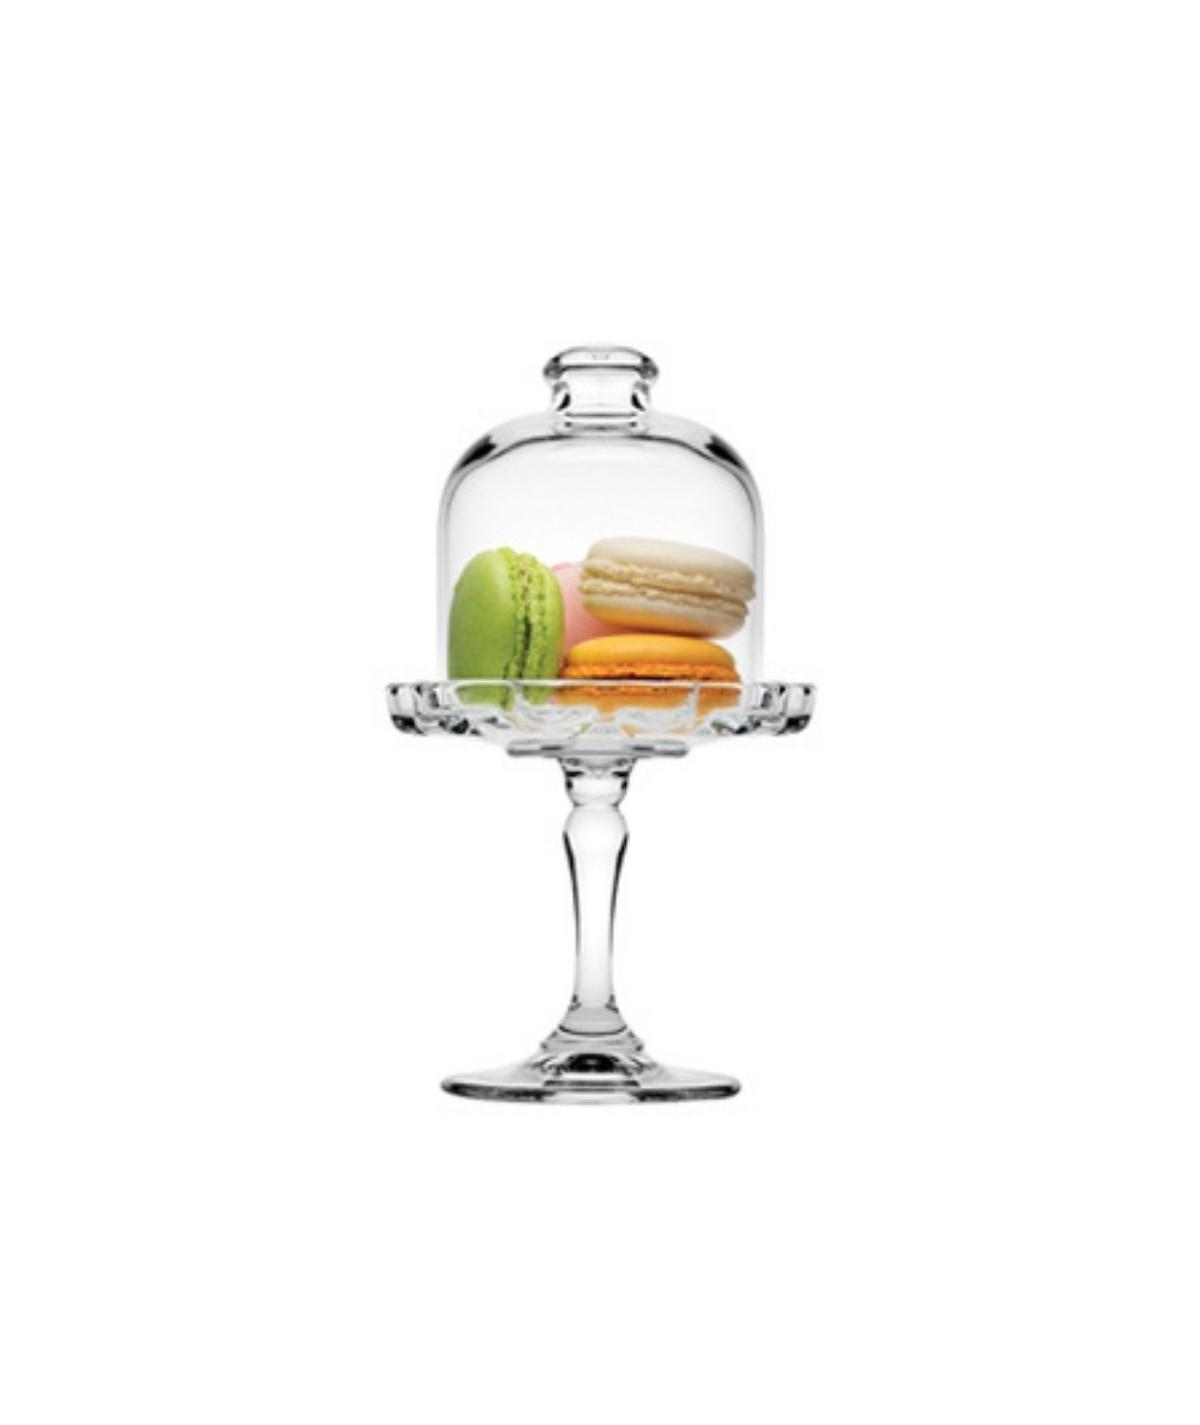 Alzata mini in vetro Patisserie set da 1 pezzo - Pasabahce